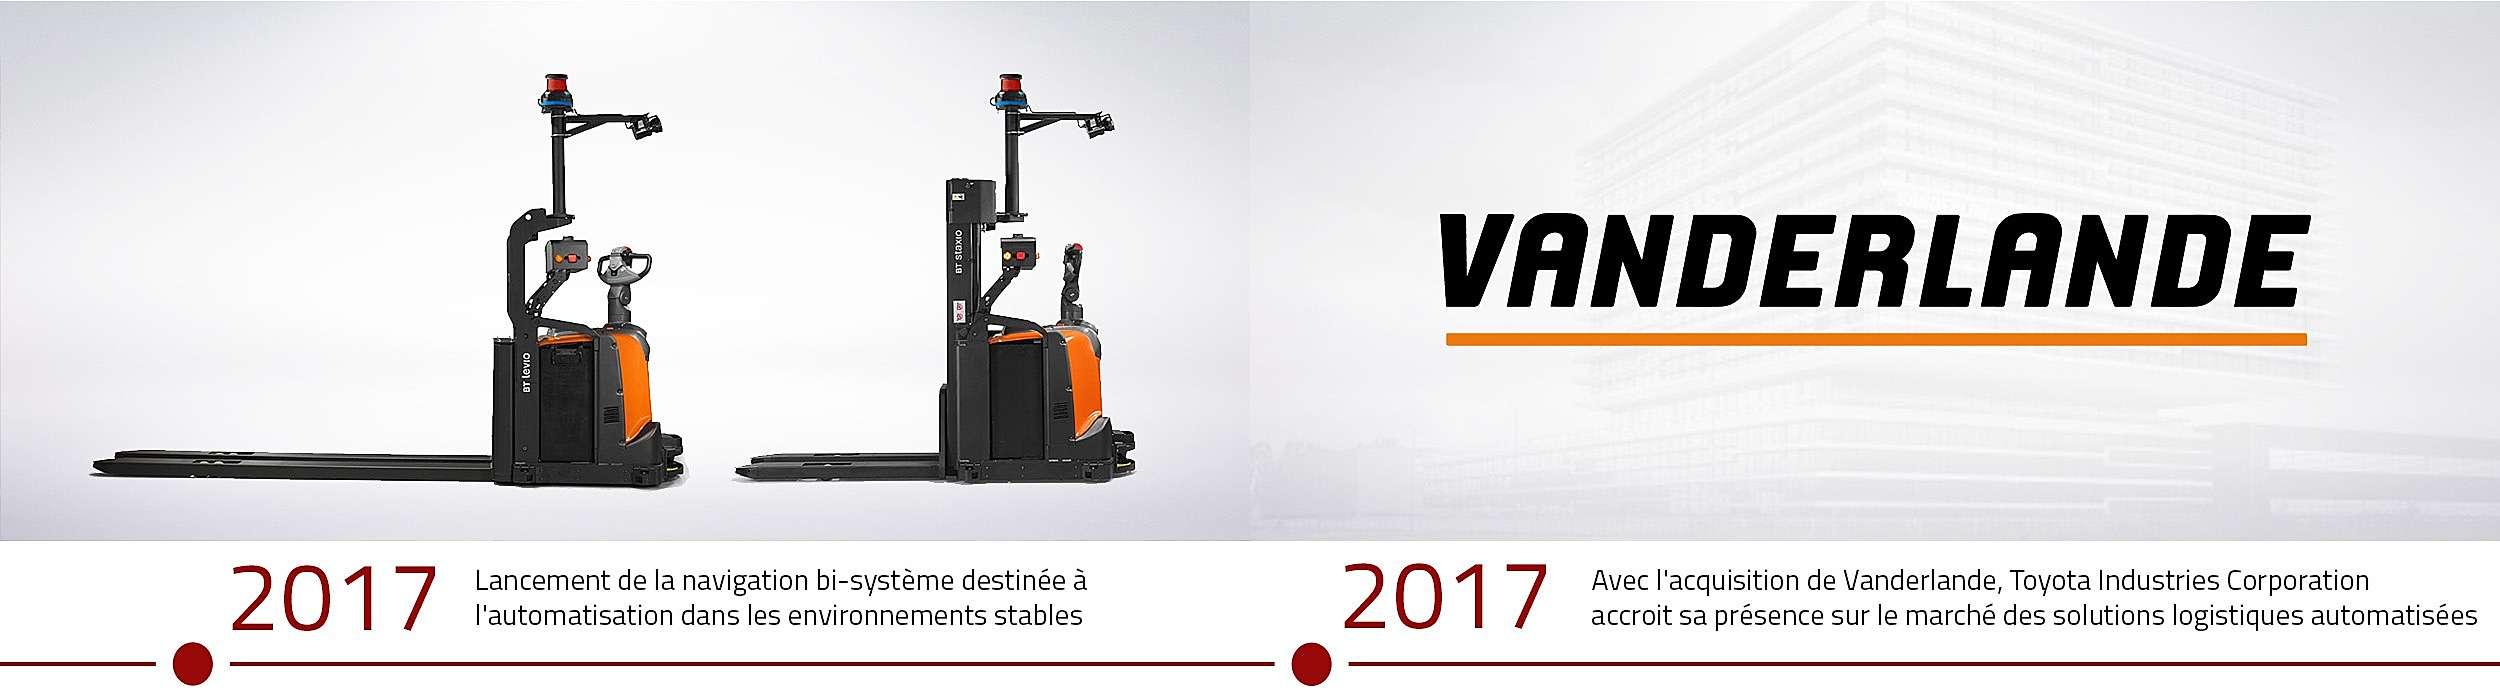 Toyota Material Handling a fait l'acquisition de Vanderlande en 2017 et renforce sa présence sur le marché des solutions logistiques automatisées